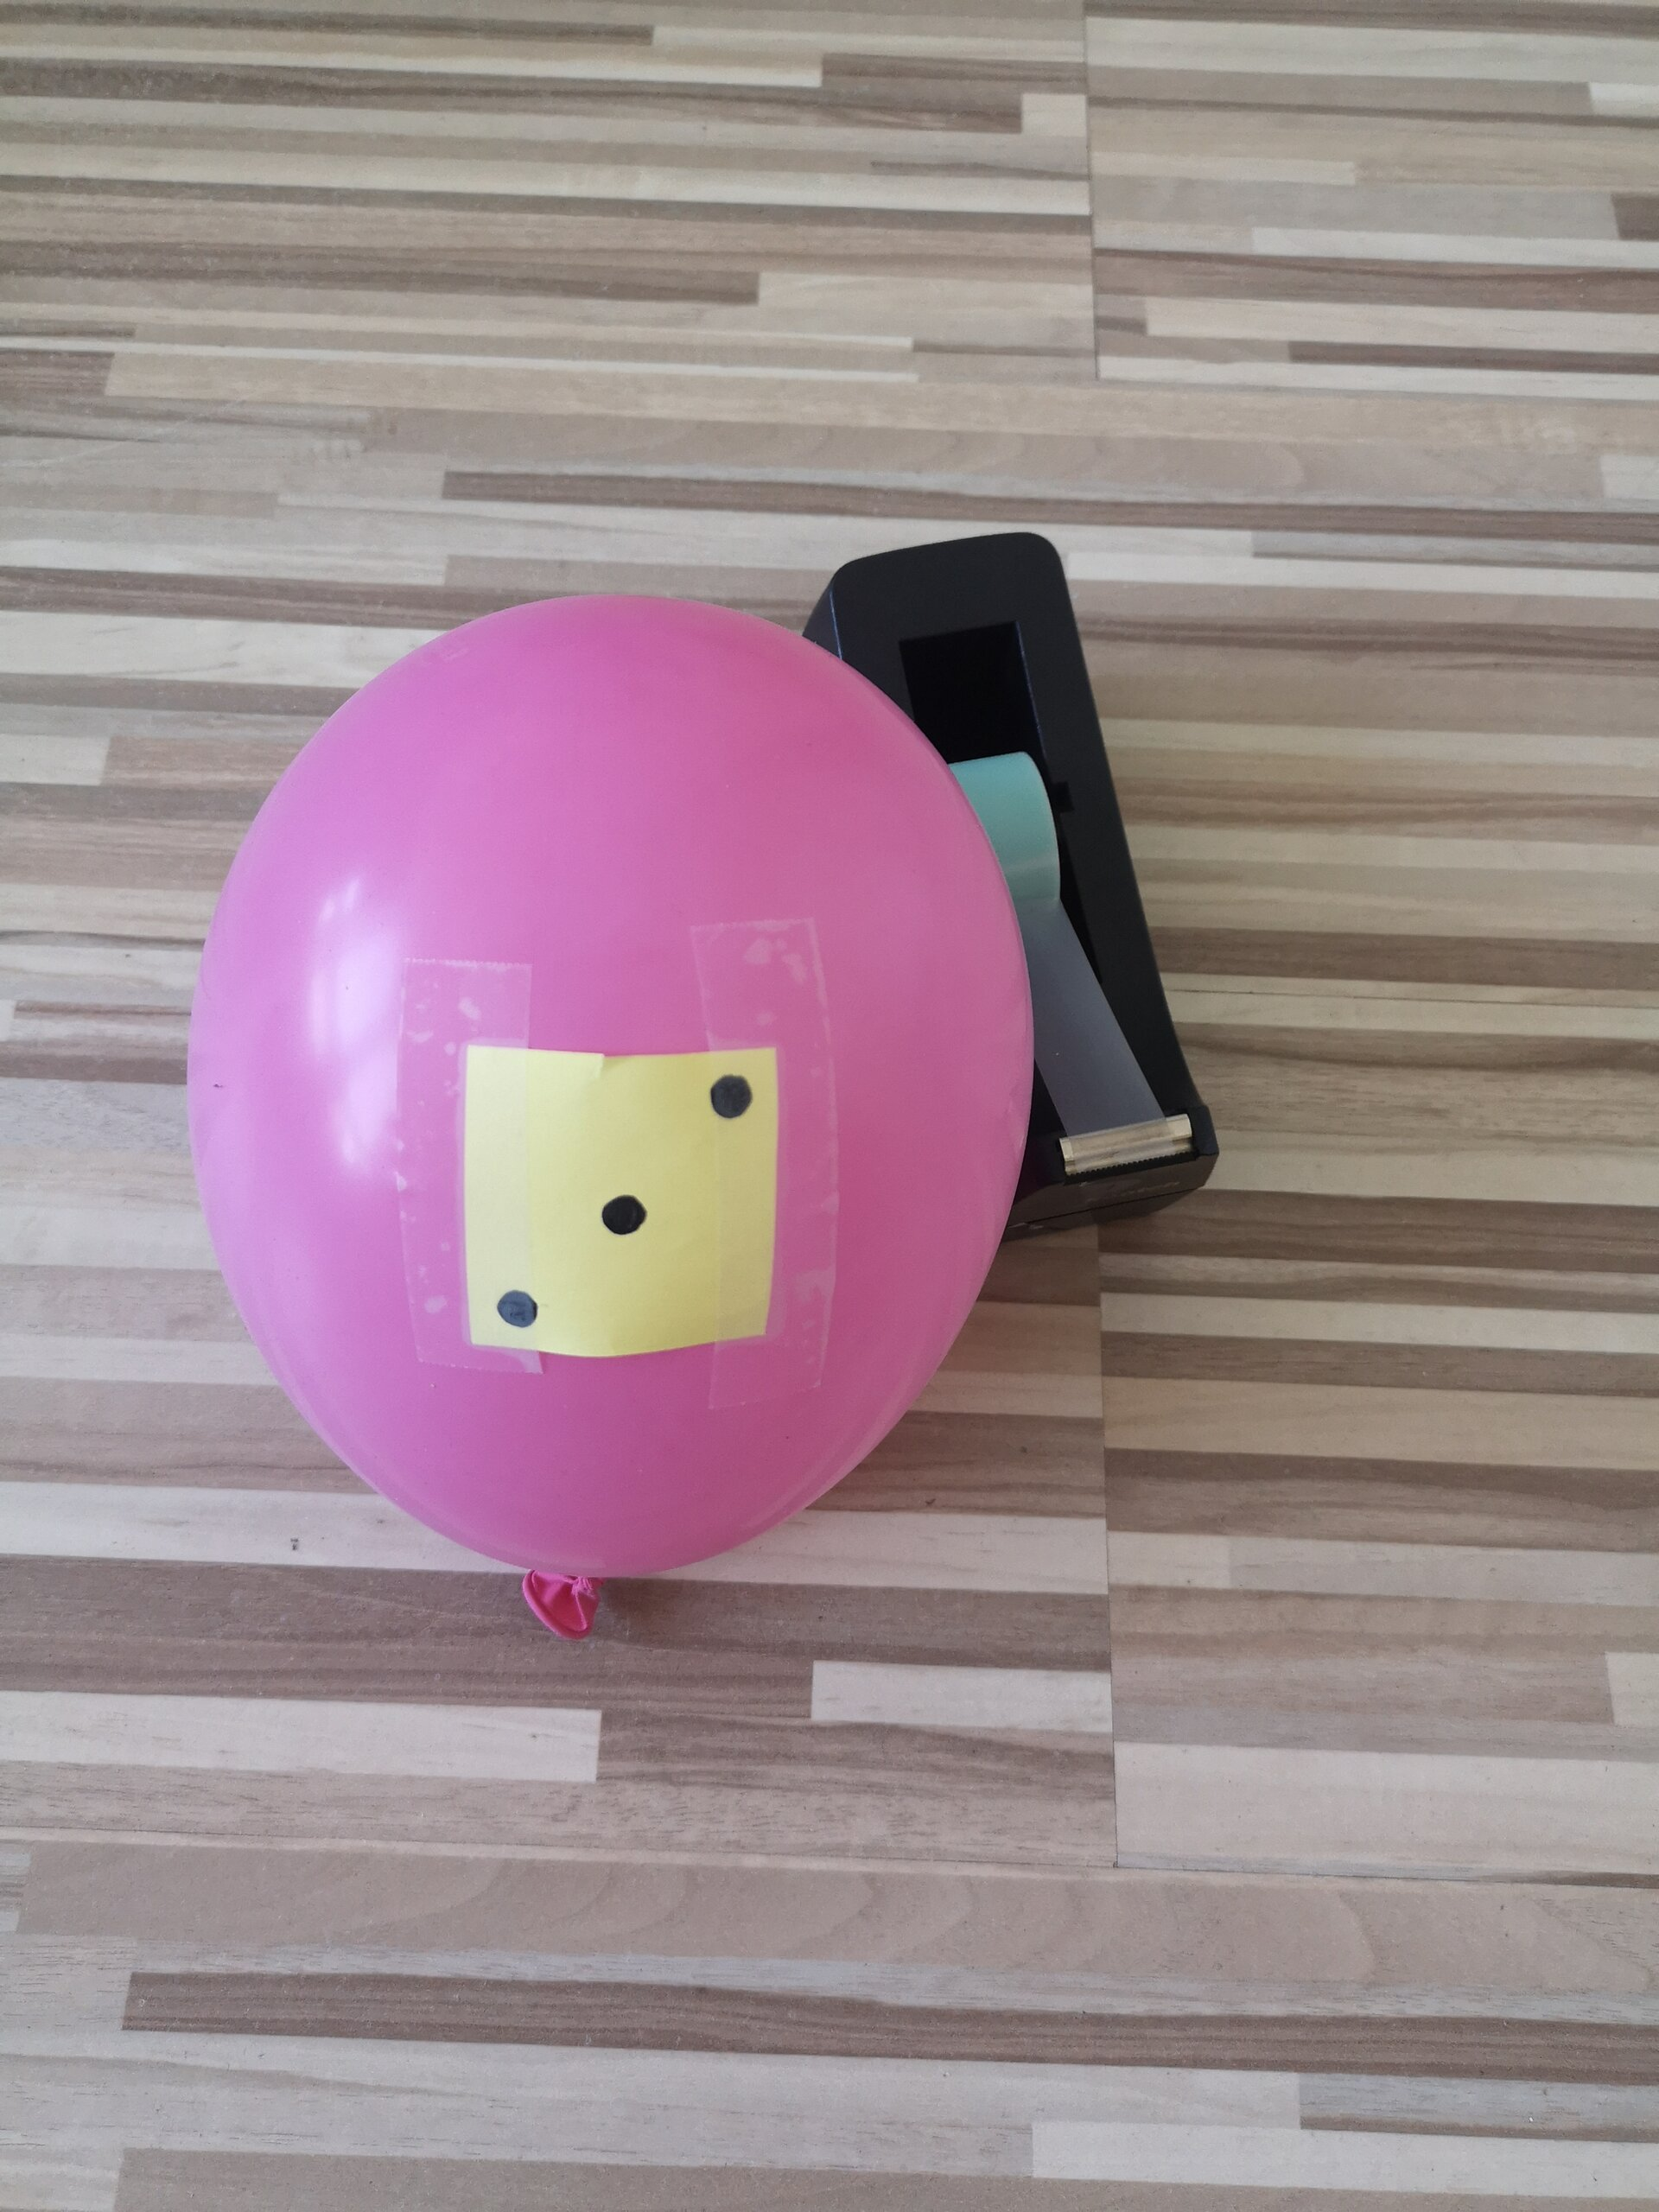 Luftballon_3